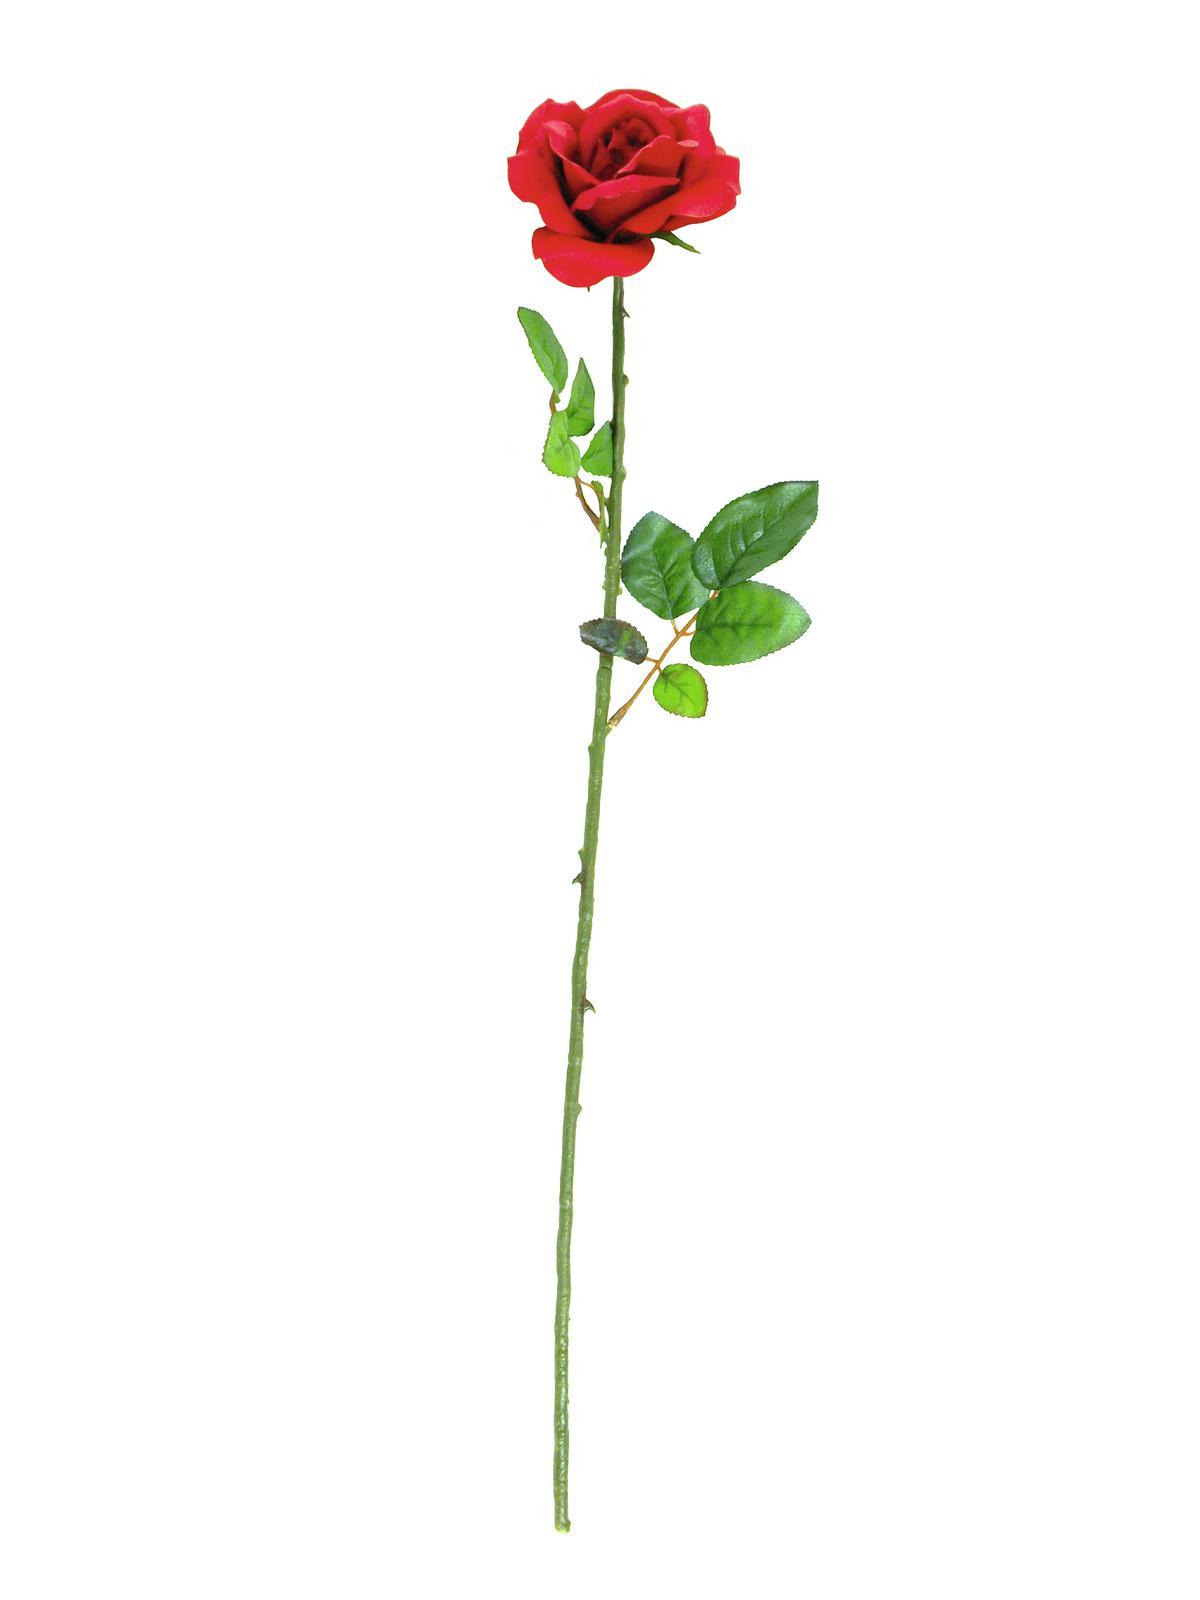 Růže s otevřeným květem, červená